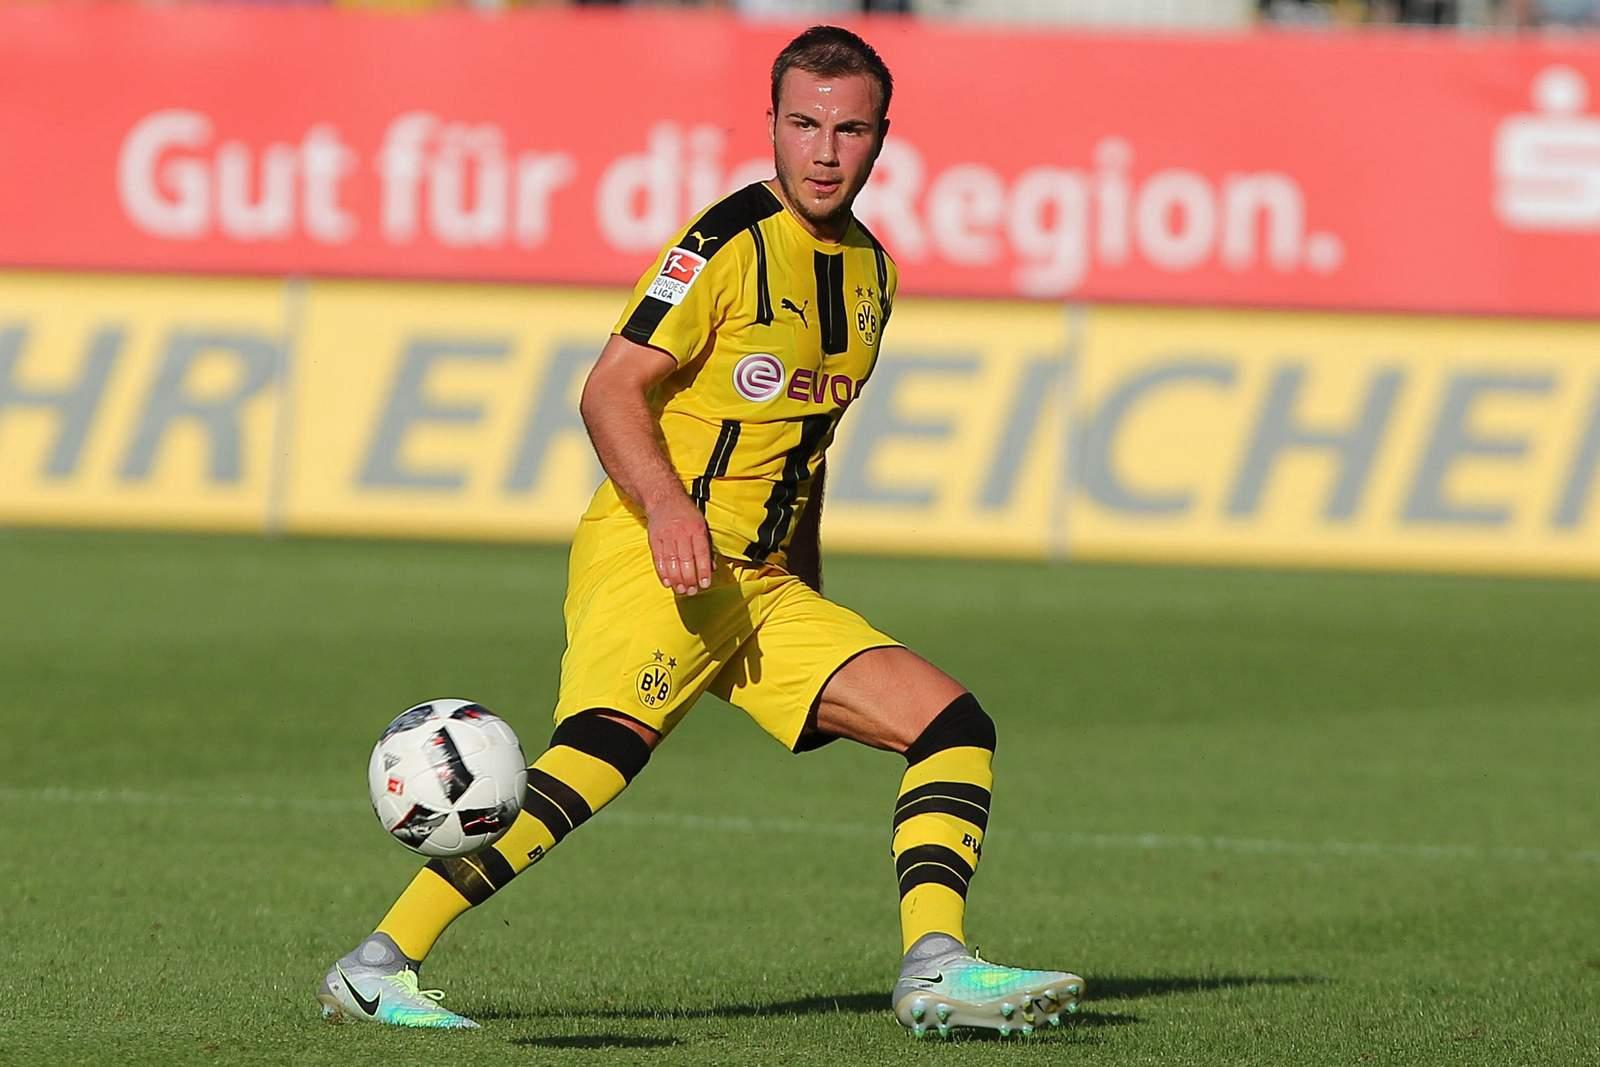 Mario Götze am Ball. Jetzt auf BVB gegen Sporting wetten!